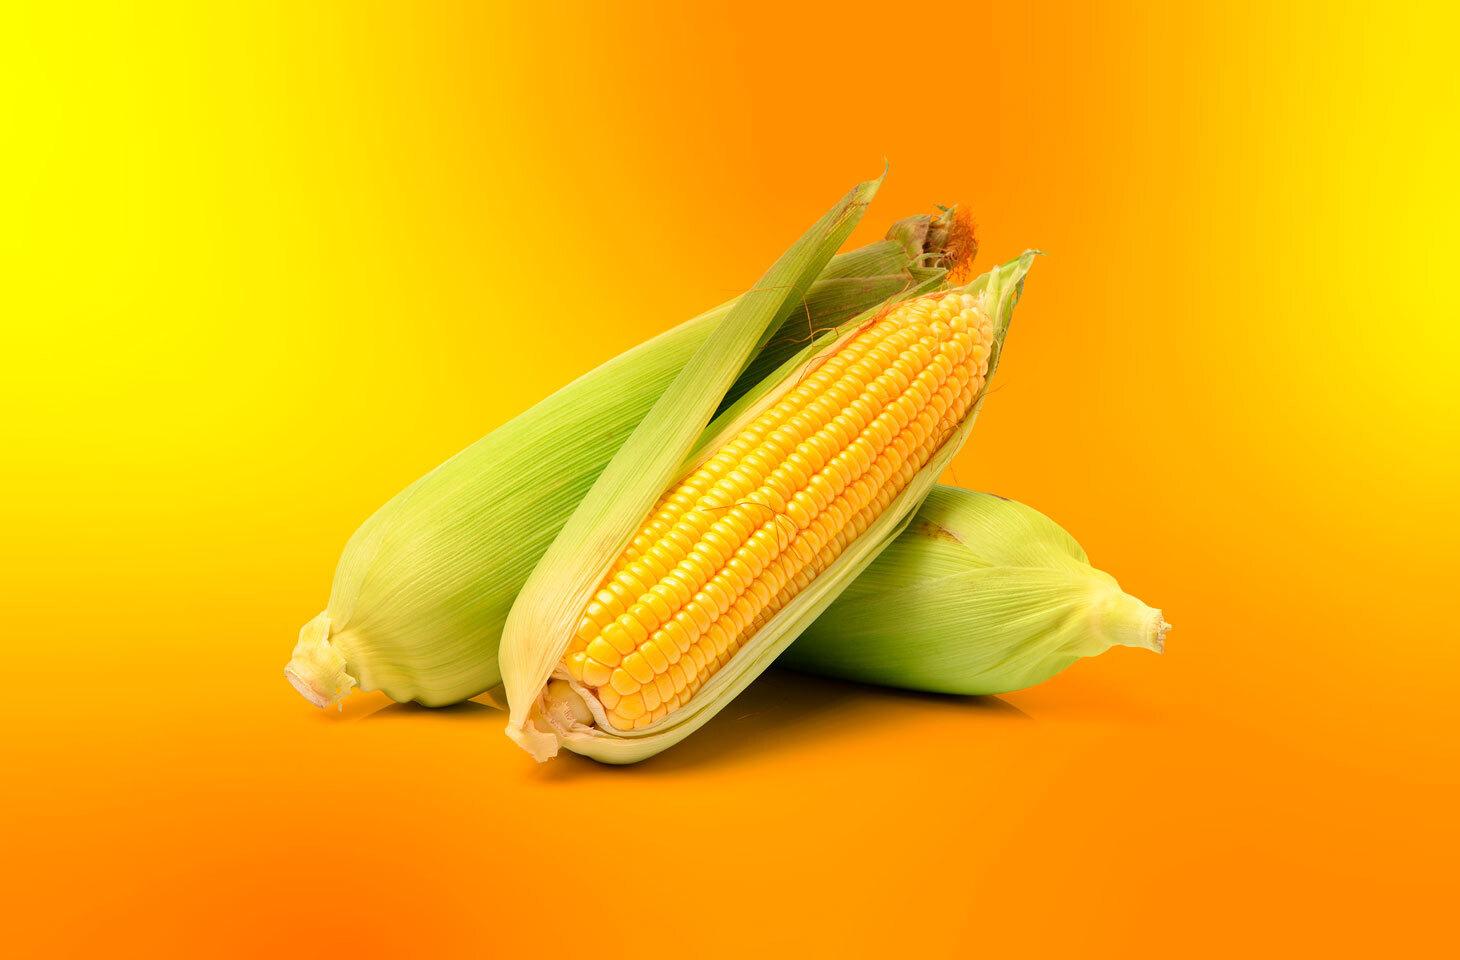 Segurança de equipamentos agrícolas na DEF CON 29 | Blog oficial da Kaspersky